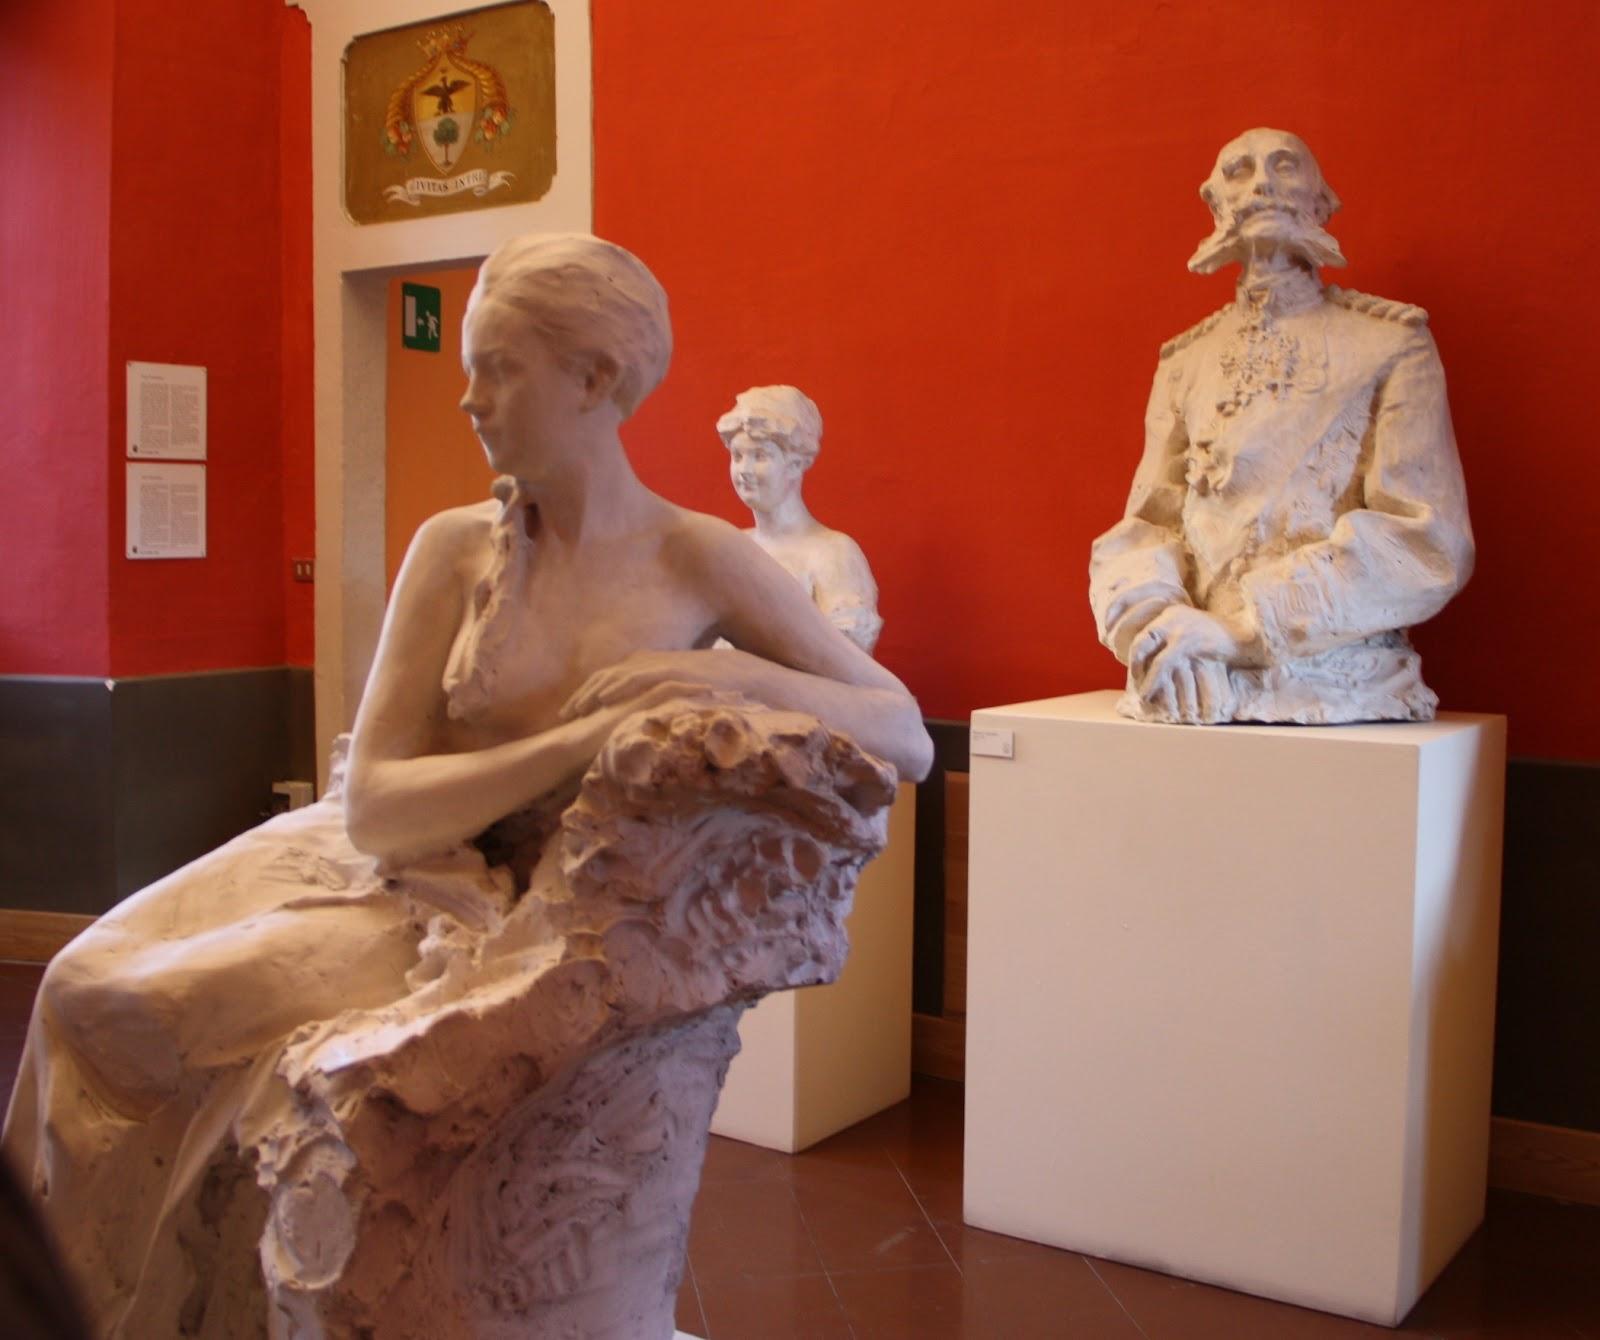 Paolo Troubetzkoy Il Principe Meshcherskiy  Museo del Paesaggio Verbania